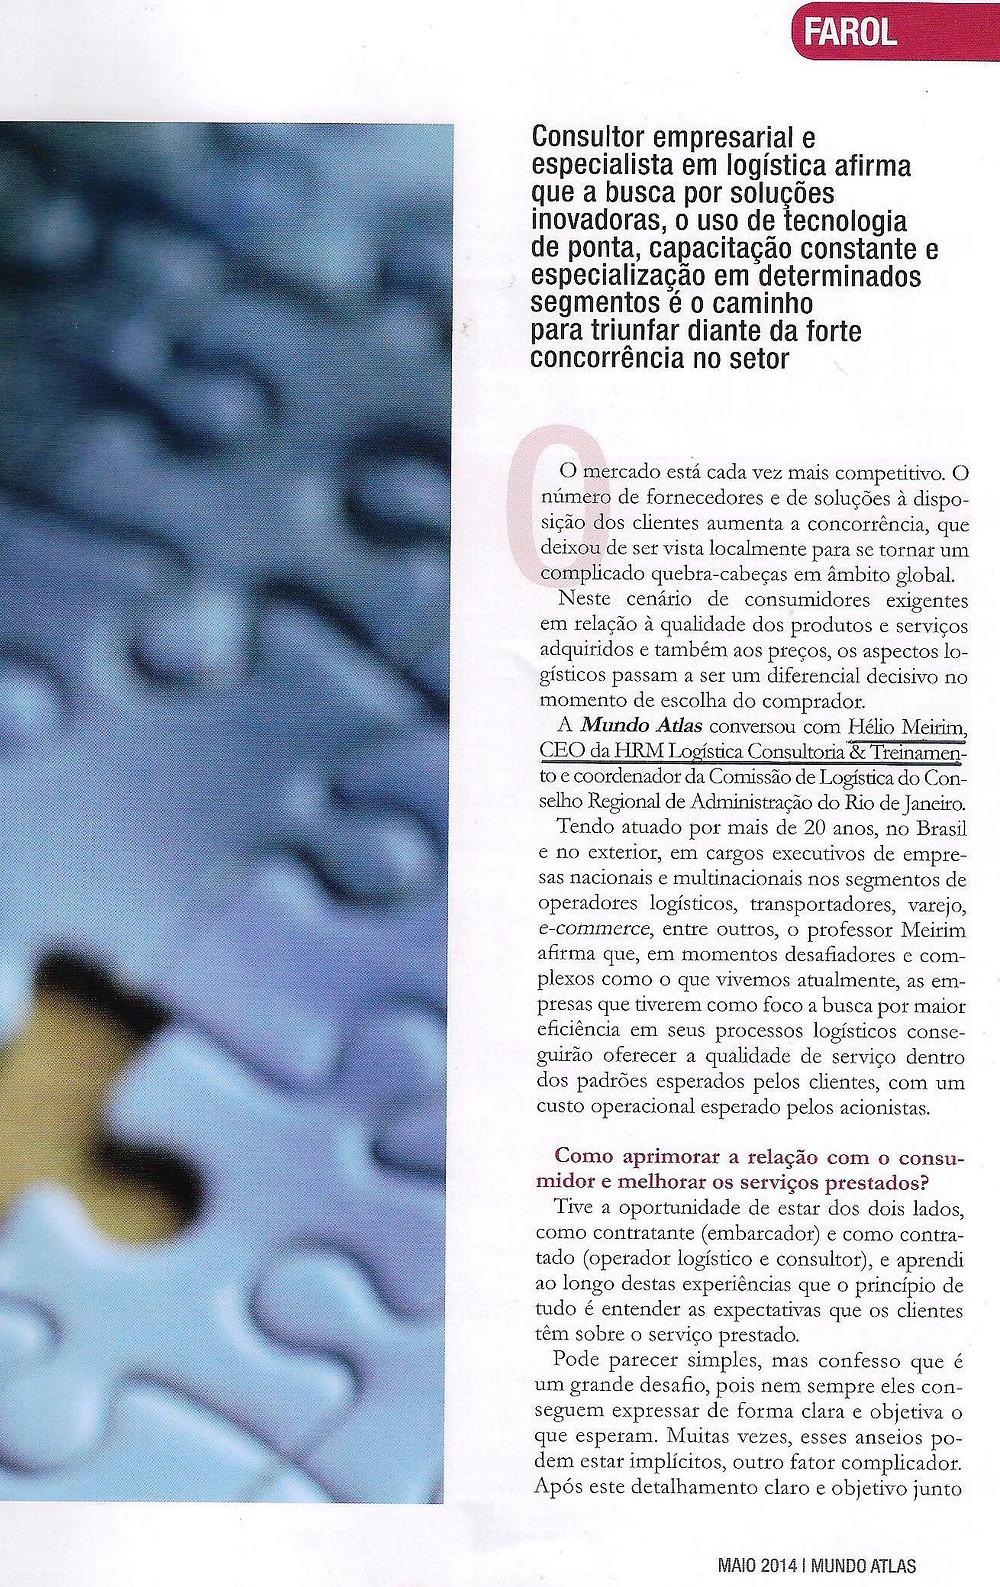 entrevista revista atlas Maio 2014.jpg